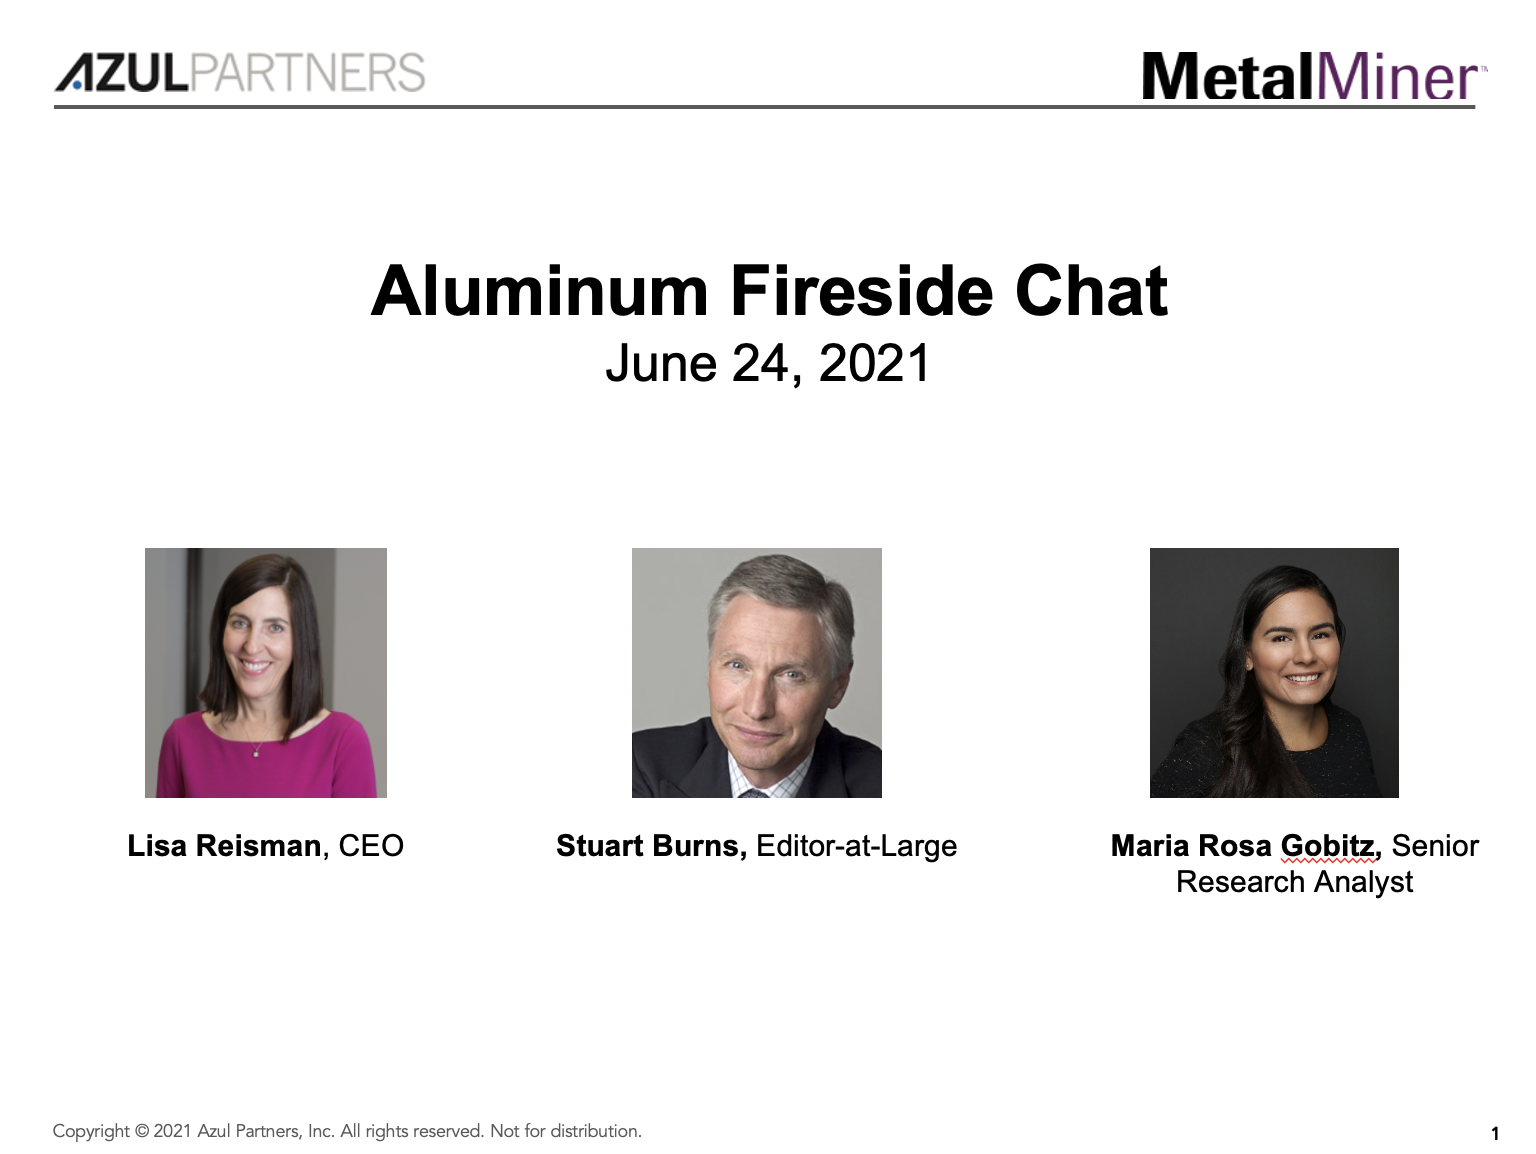 Aluminum Fireside Chat slide image